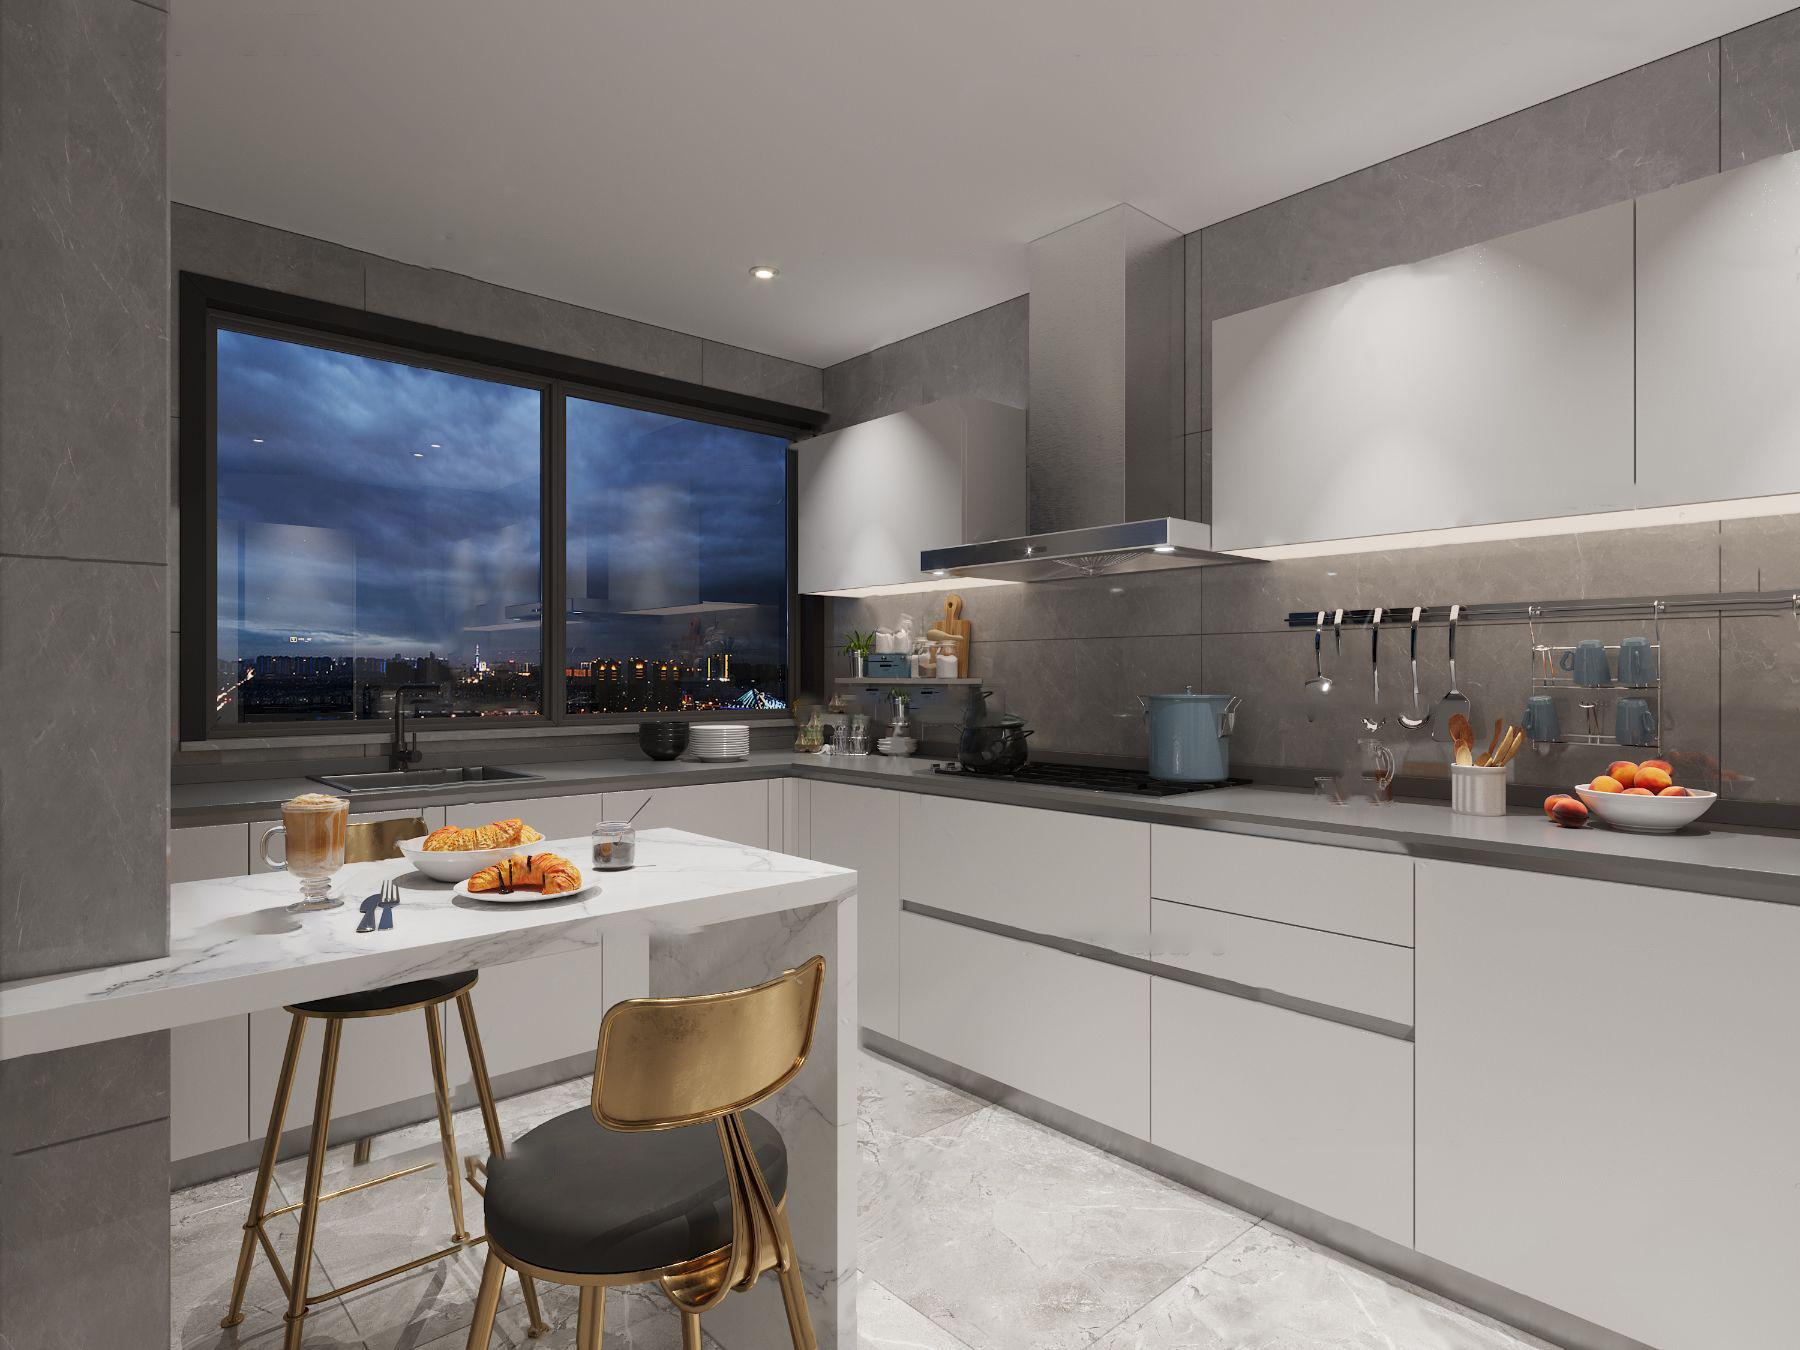 现代厨房橱柜餐椅3d模型